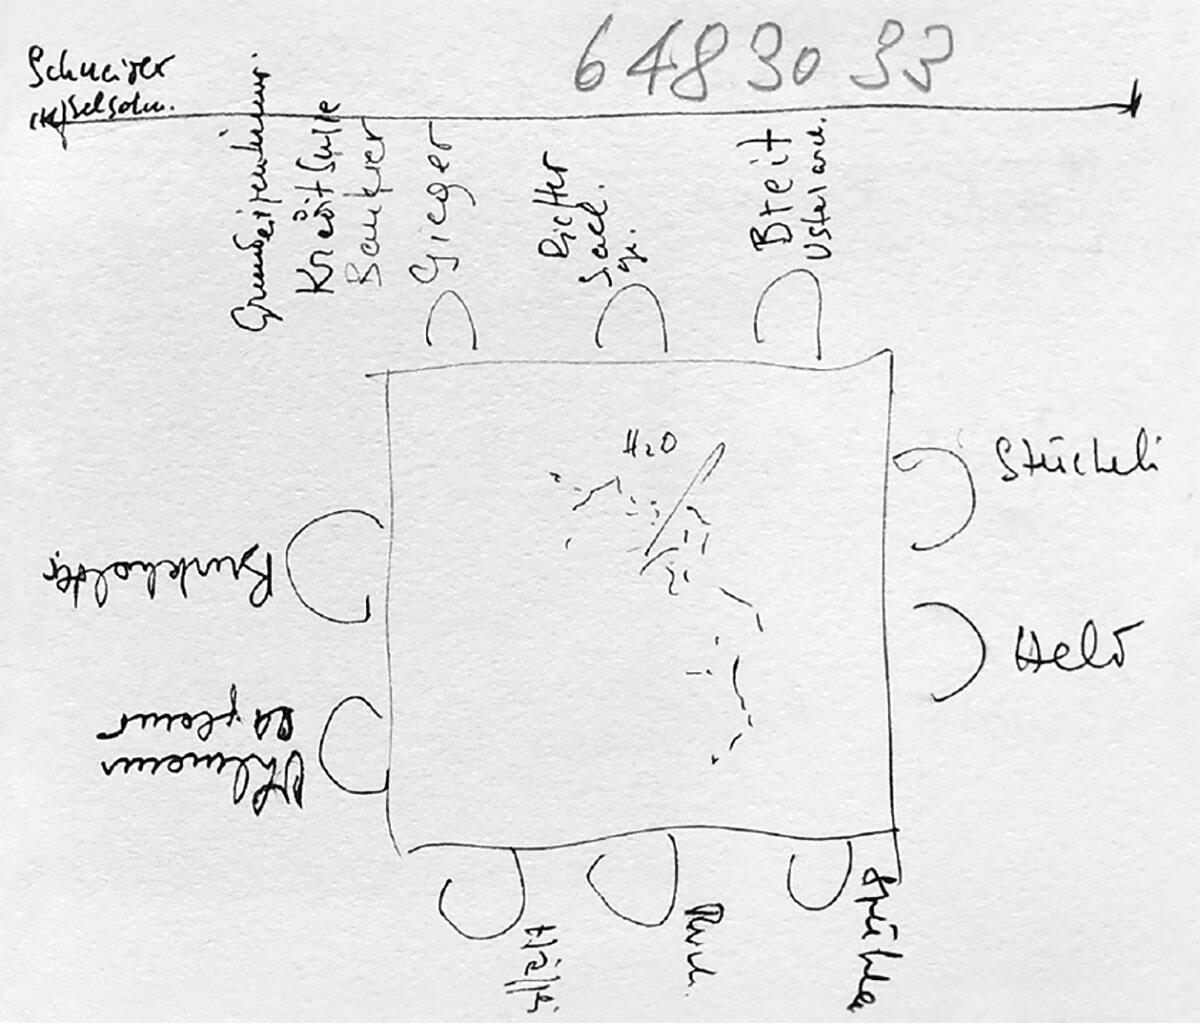 Tischordnung während einer Sitzung, aus Flora Ruchat-Roncatis Notizbuch von 1998. Bild: Privatnachlass Flora Ruchat-Roncati